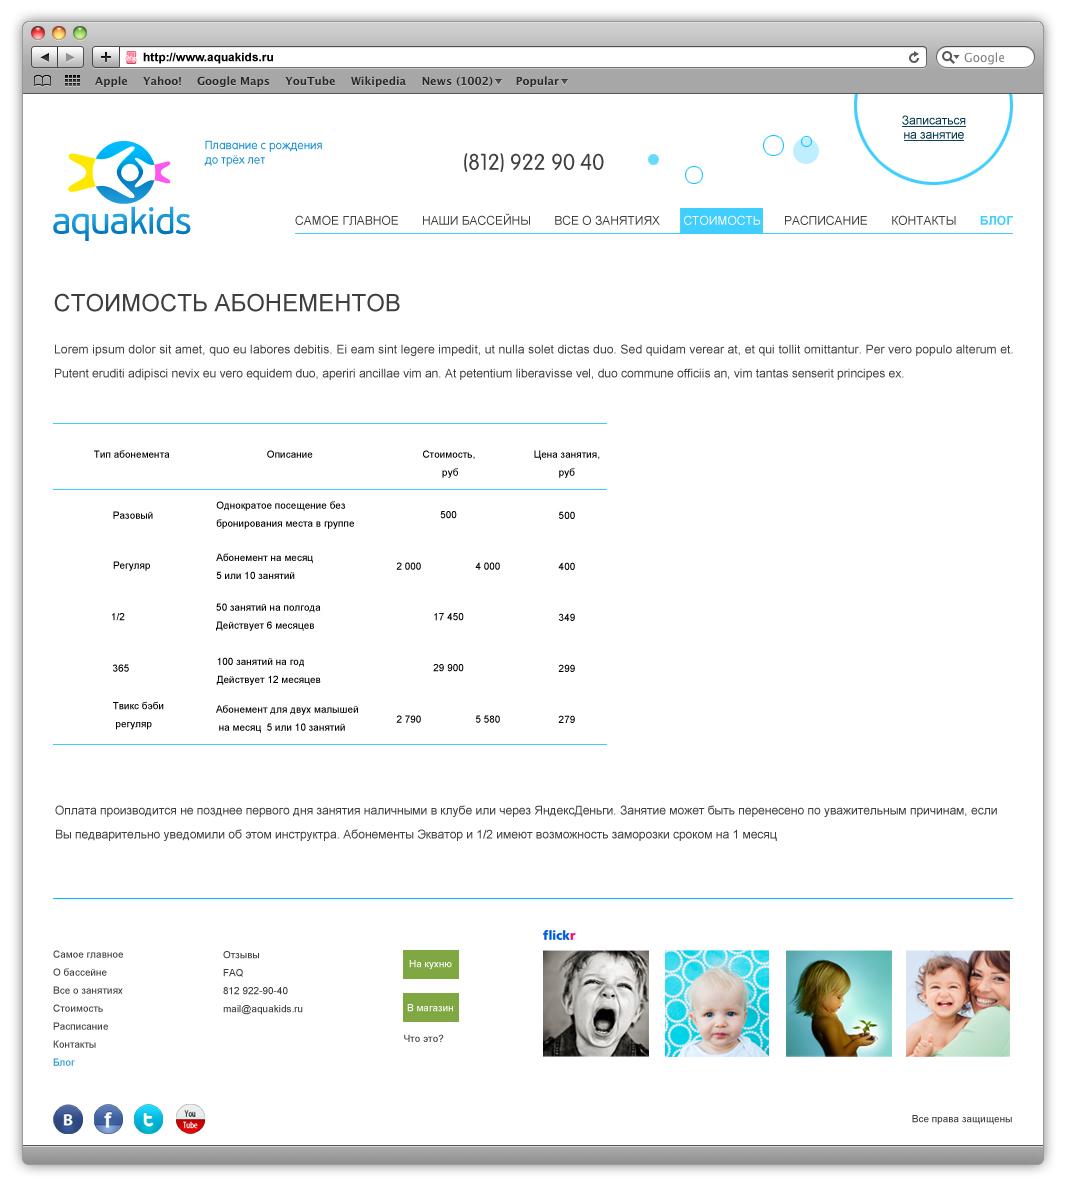 Сайт Аквакидс. Стоимость абонементов